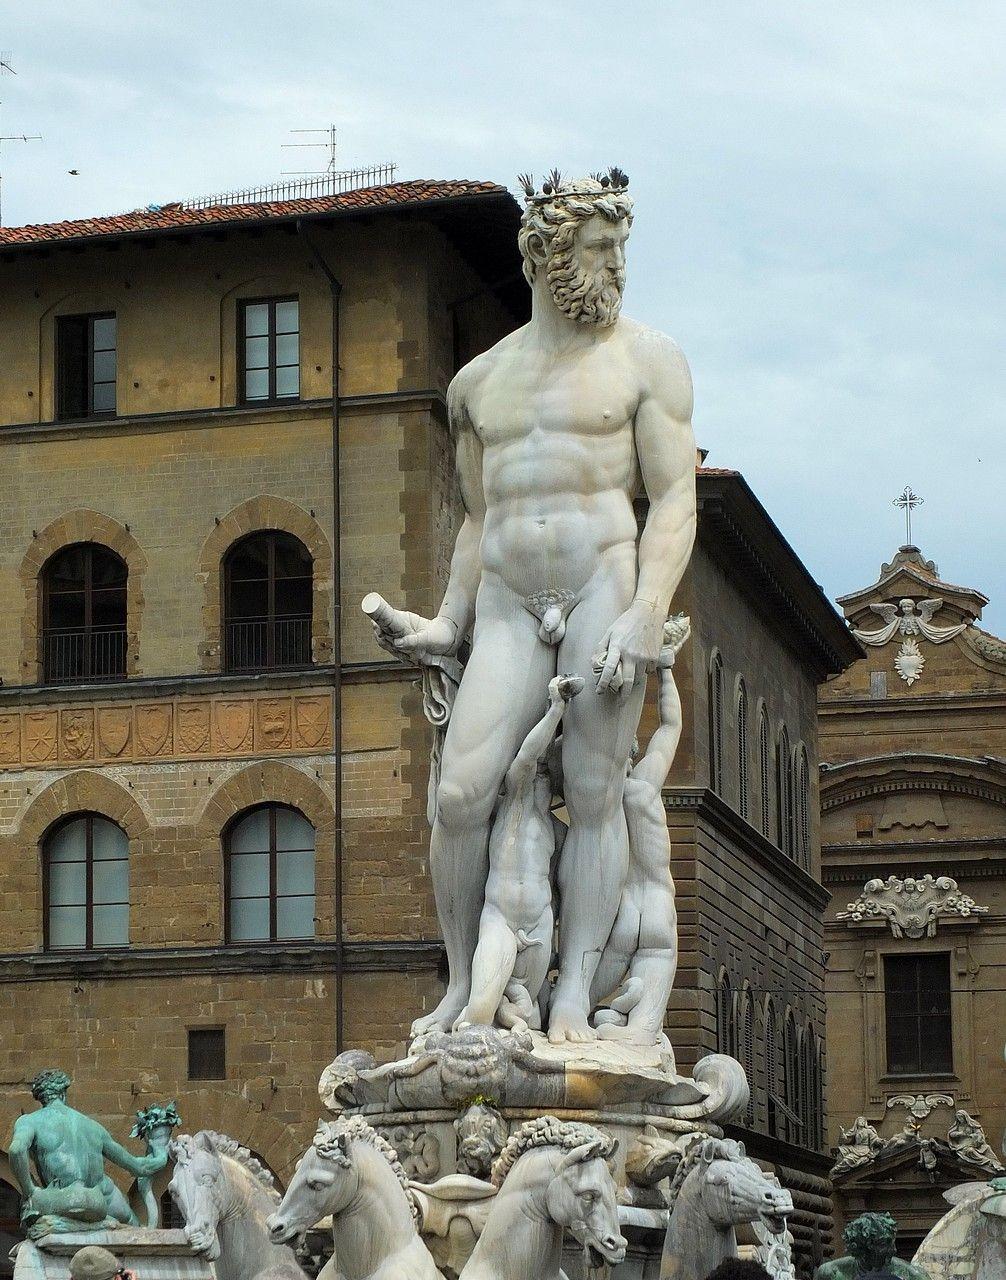 美丽的托斯卡纳城市.佛罗伦萨 2_图1-18